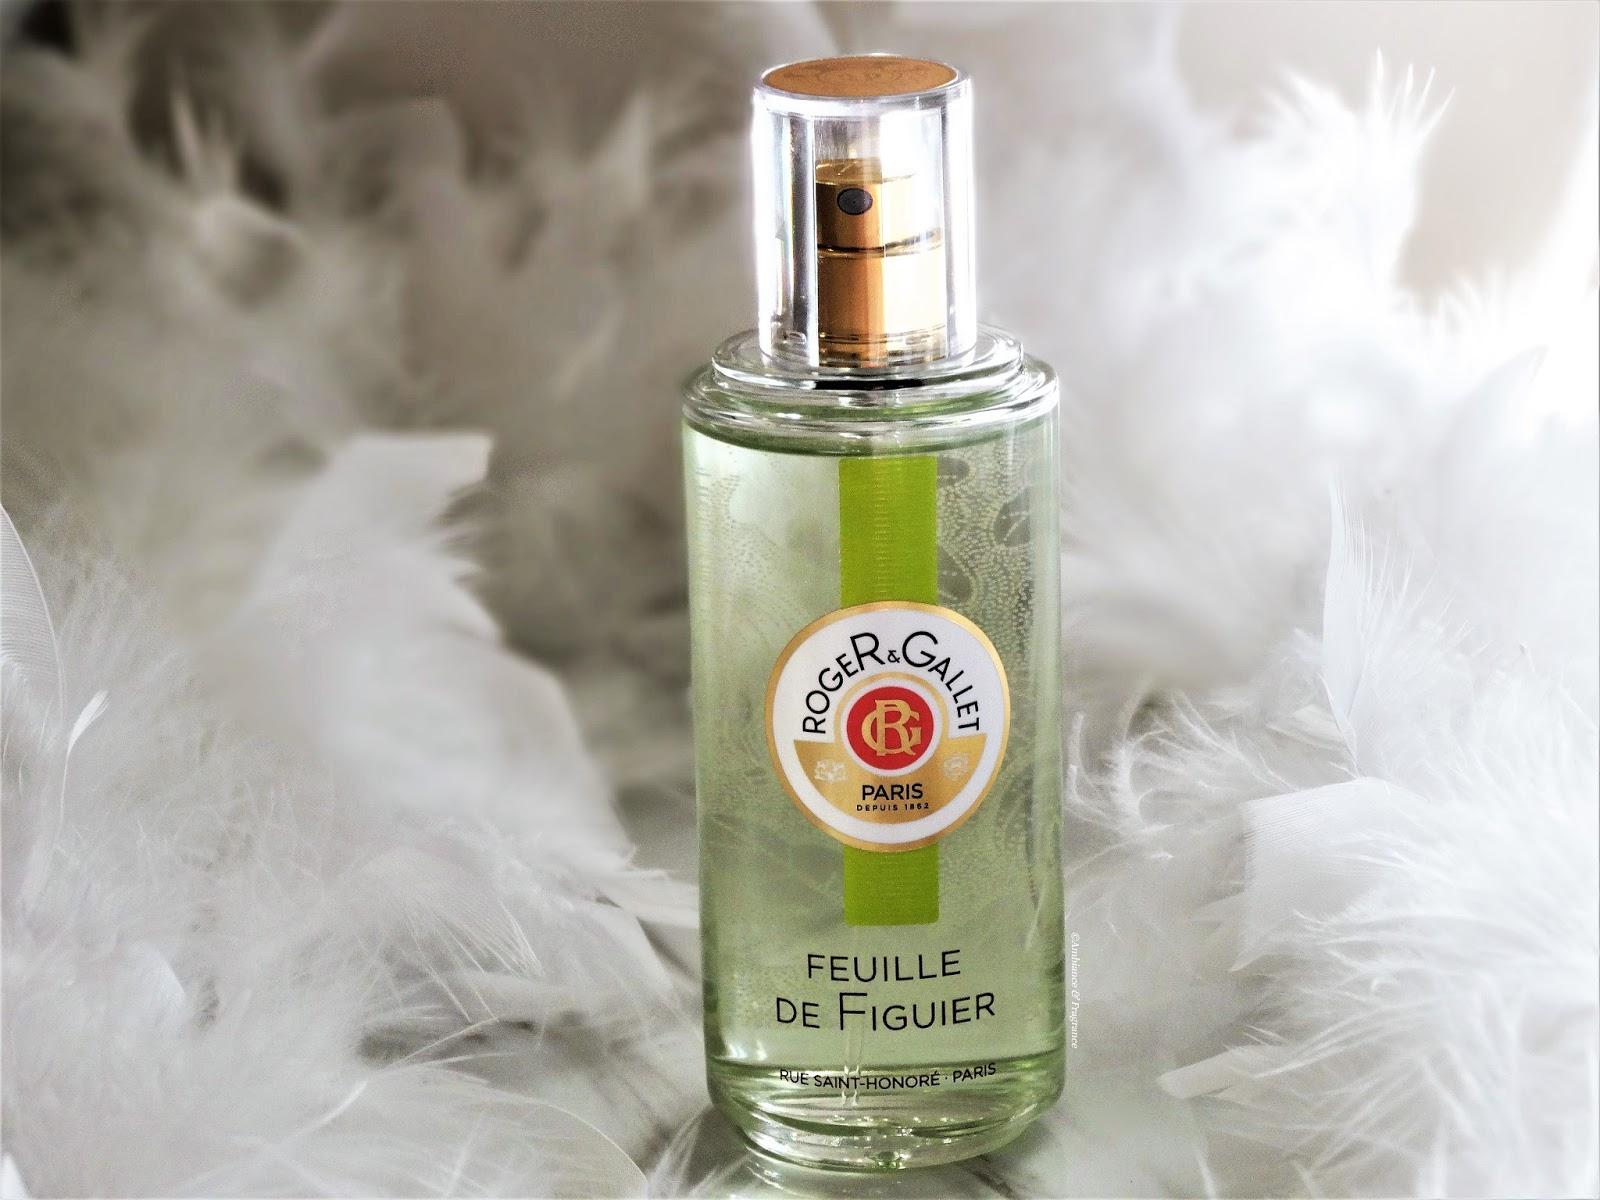 feuille de figuier de roger gallet ambiance et fragrance blog beaut parfum bougie parfum e. Black Bedroom Furniture Sets. Home Design Ideas